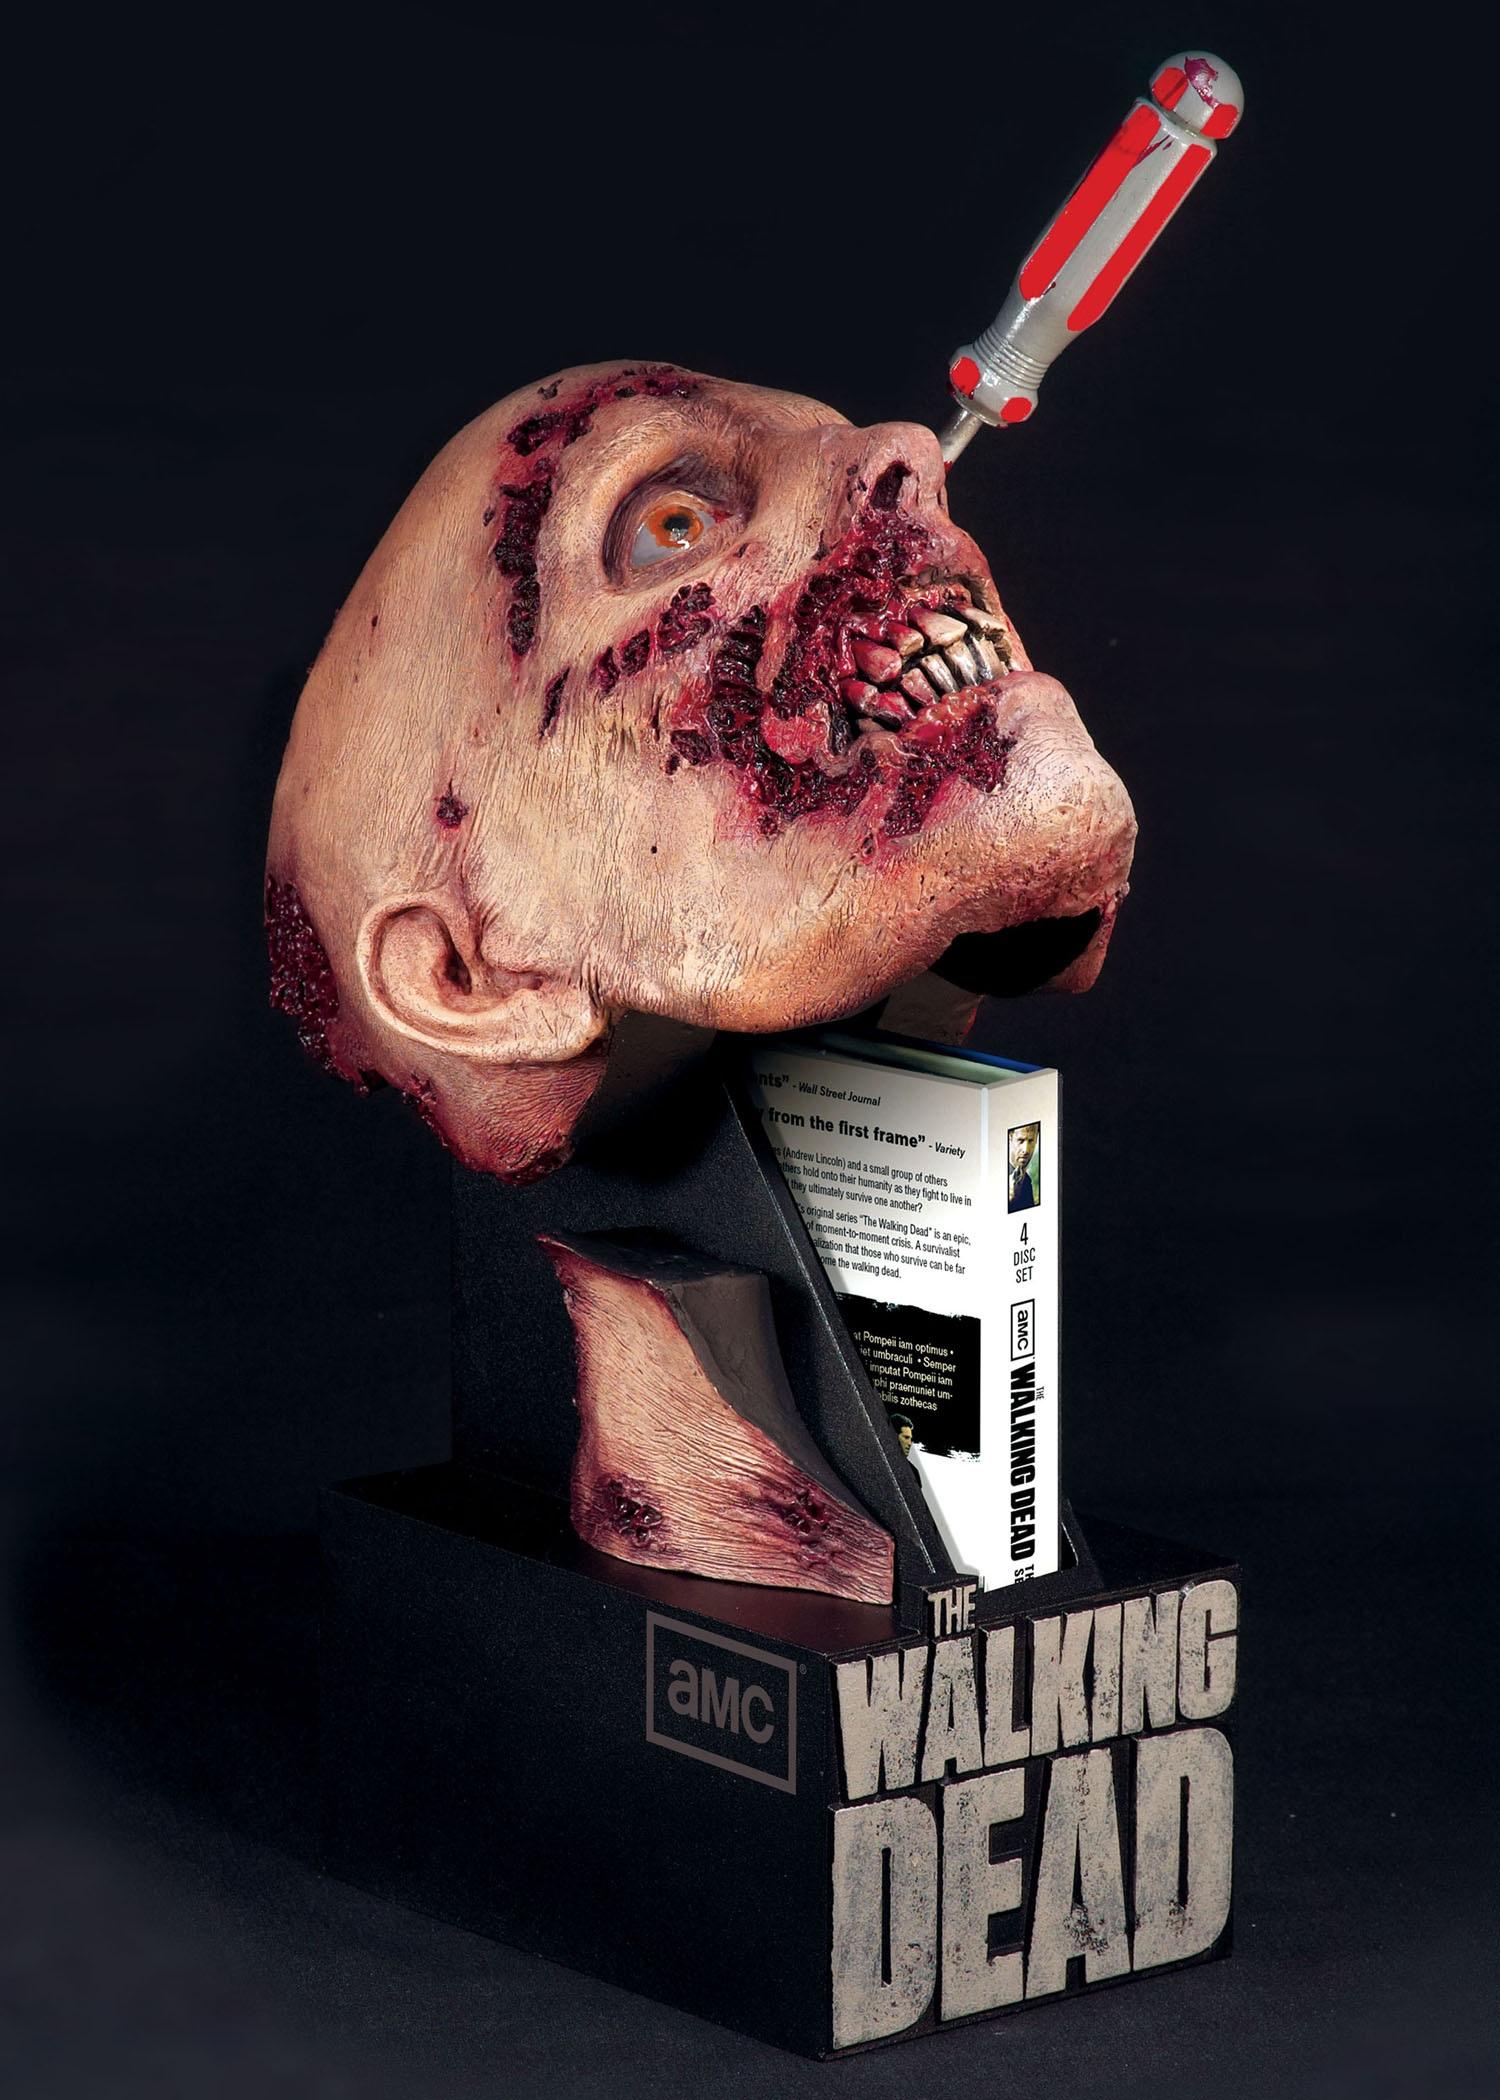 The Walking Dead Season 2 DVD